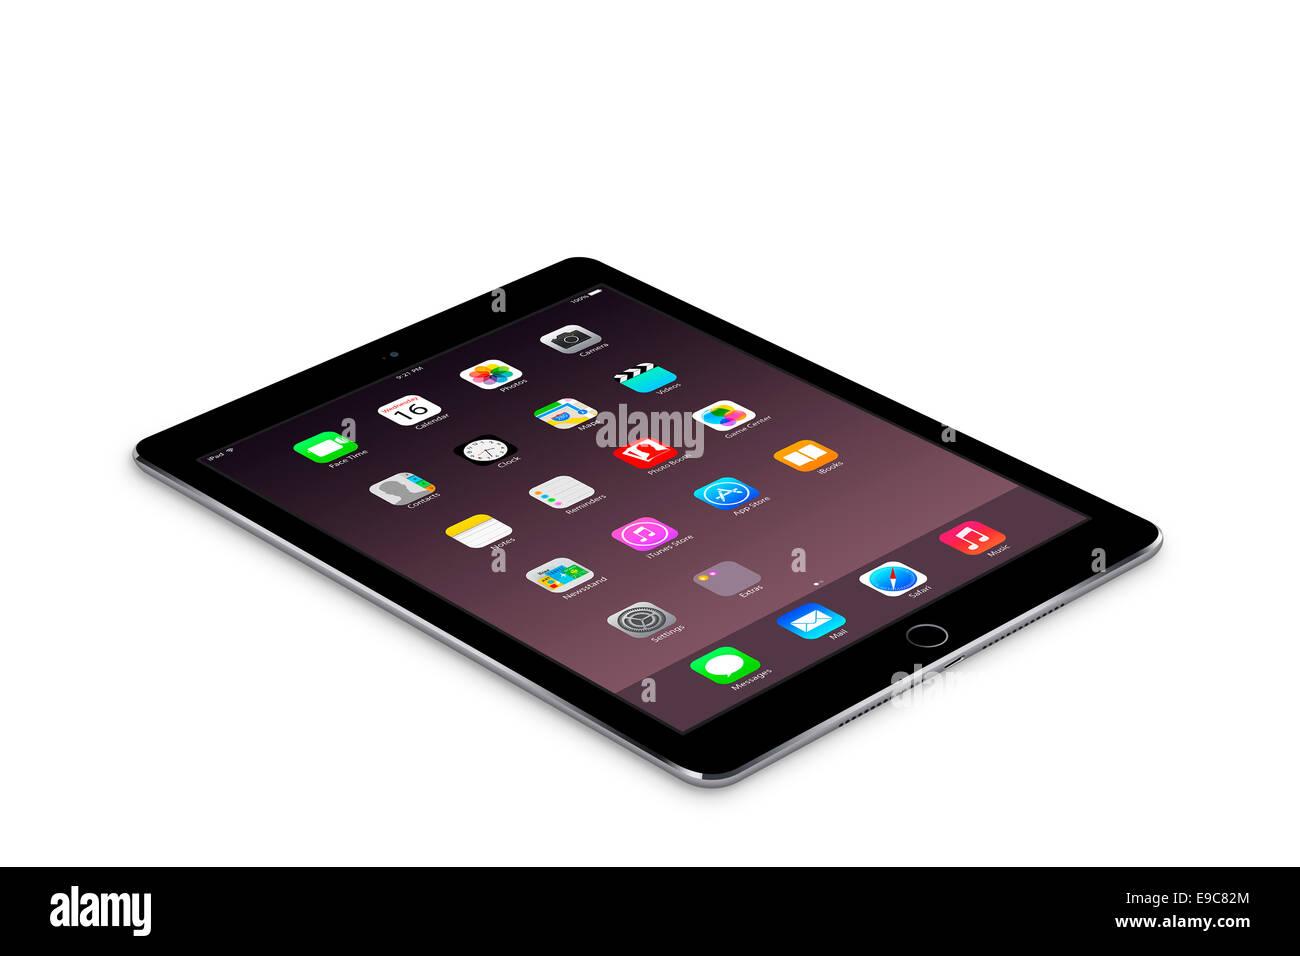 Tablet ipad 2 espacio de aire gris con aplicaciones generadas digitalmente, obras de arte. Imagen De Stock